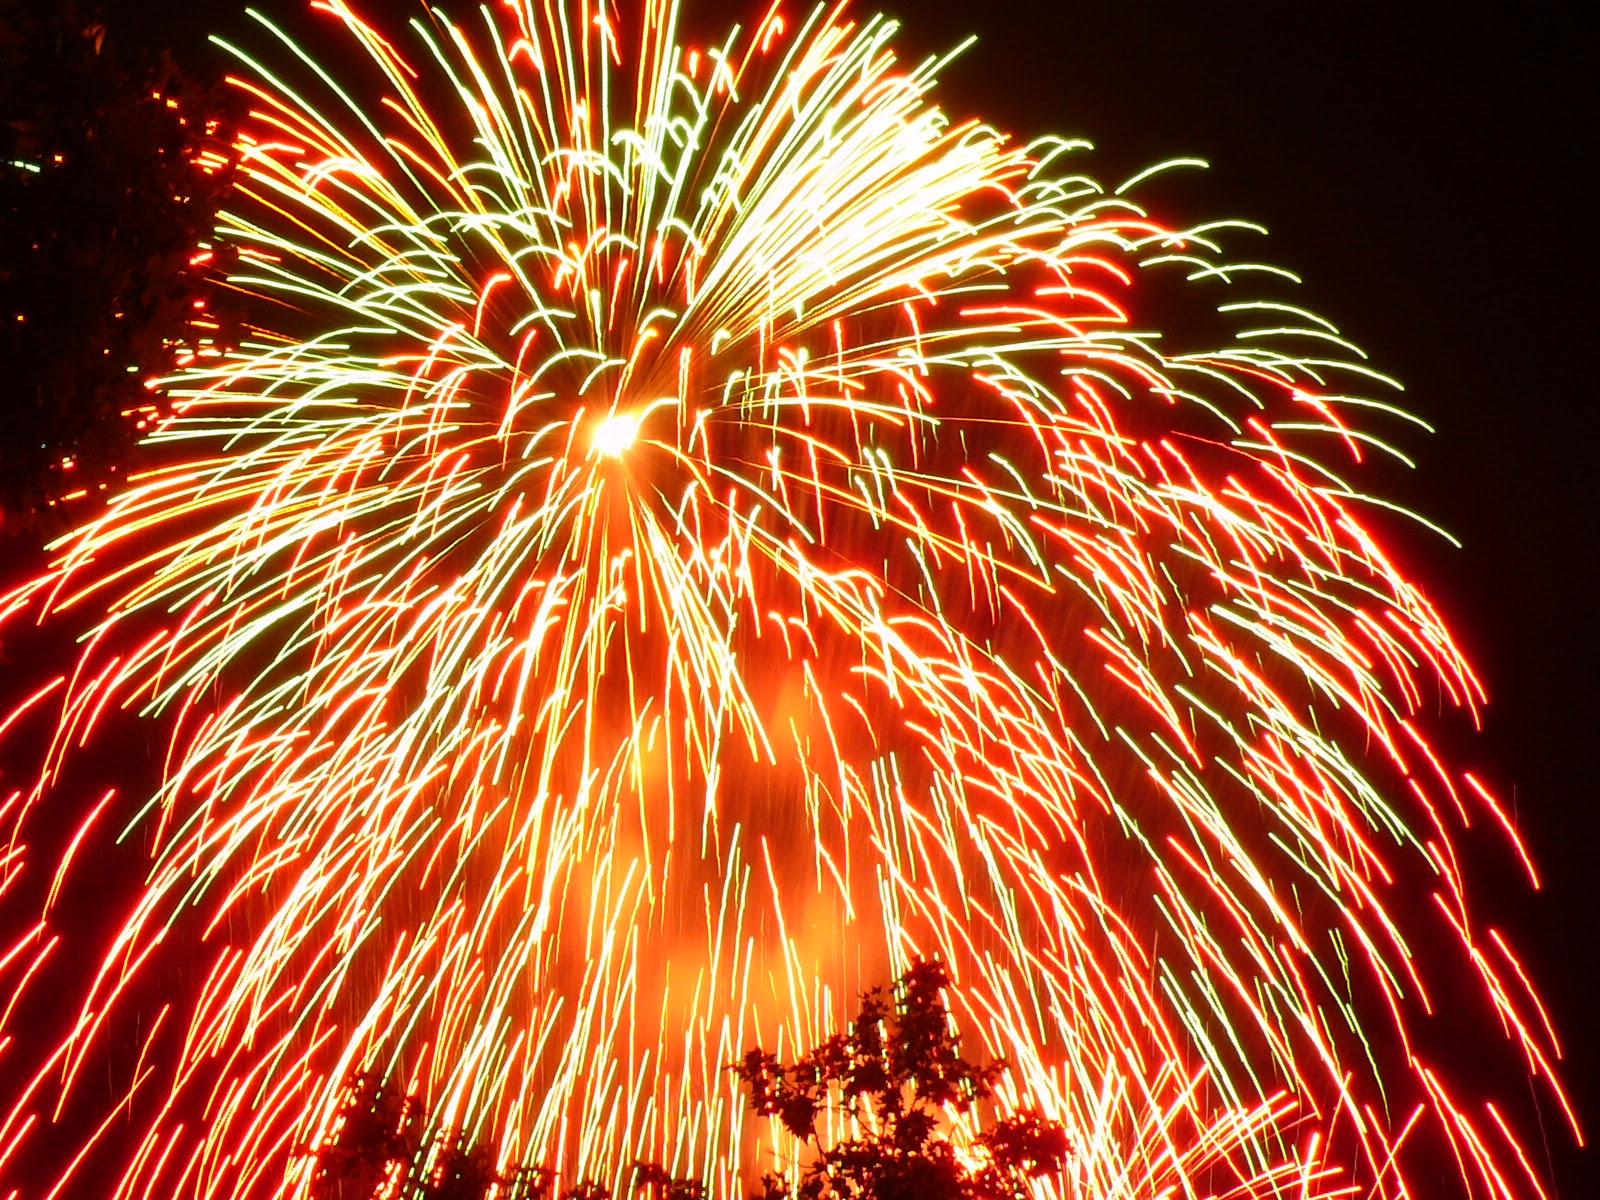 http://doriselisabustamante.files.wordpress.com/2008/12/fuegos-artificiales.jpg